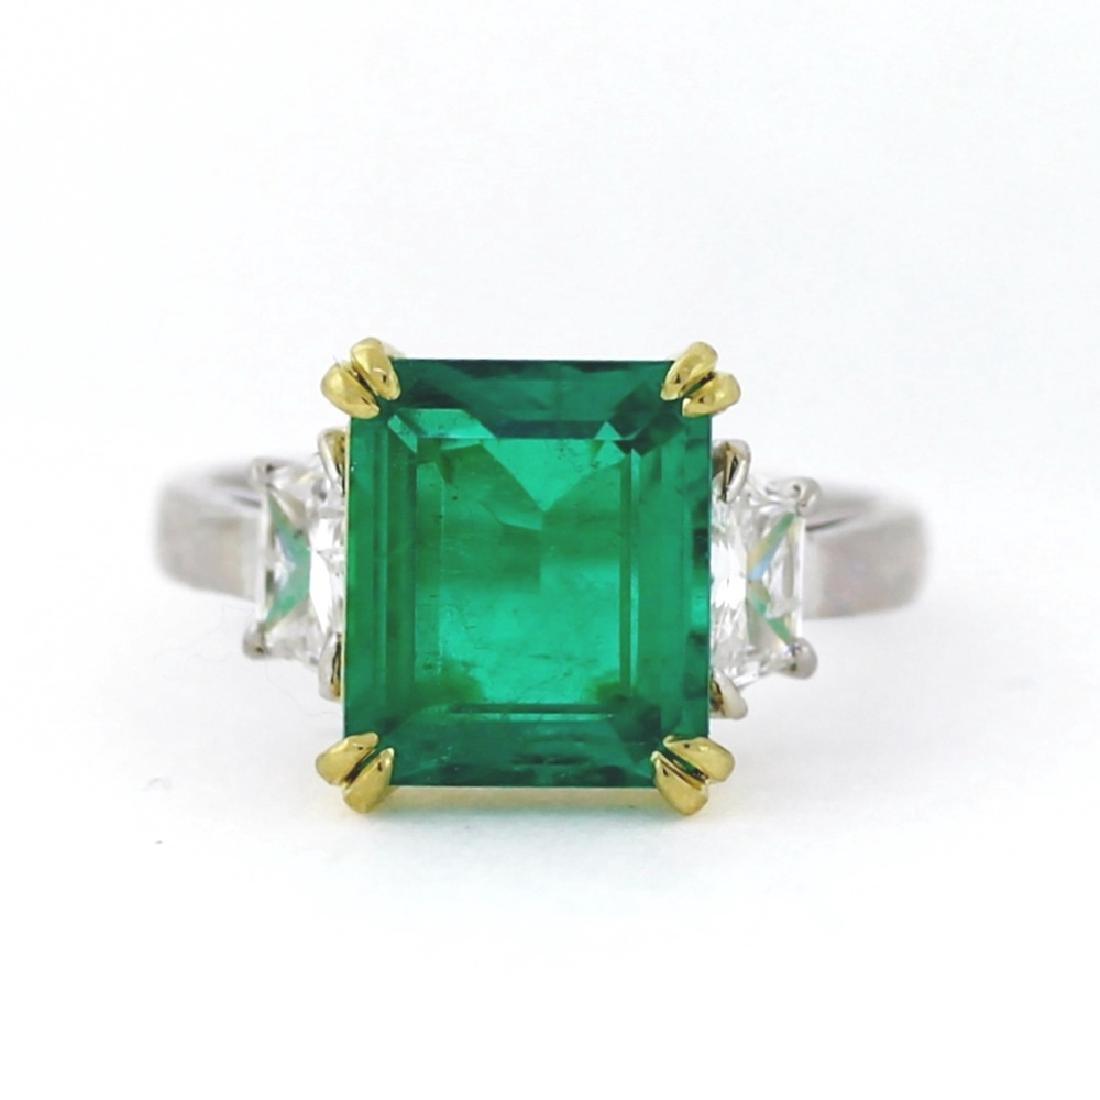 3.96ct Emerald, 0.65ctw Diam., Plat. & 18K Ring